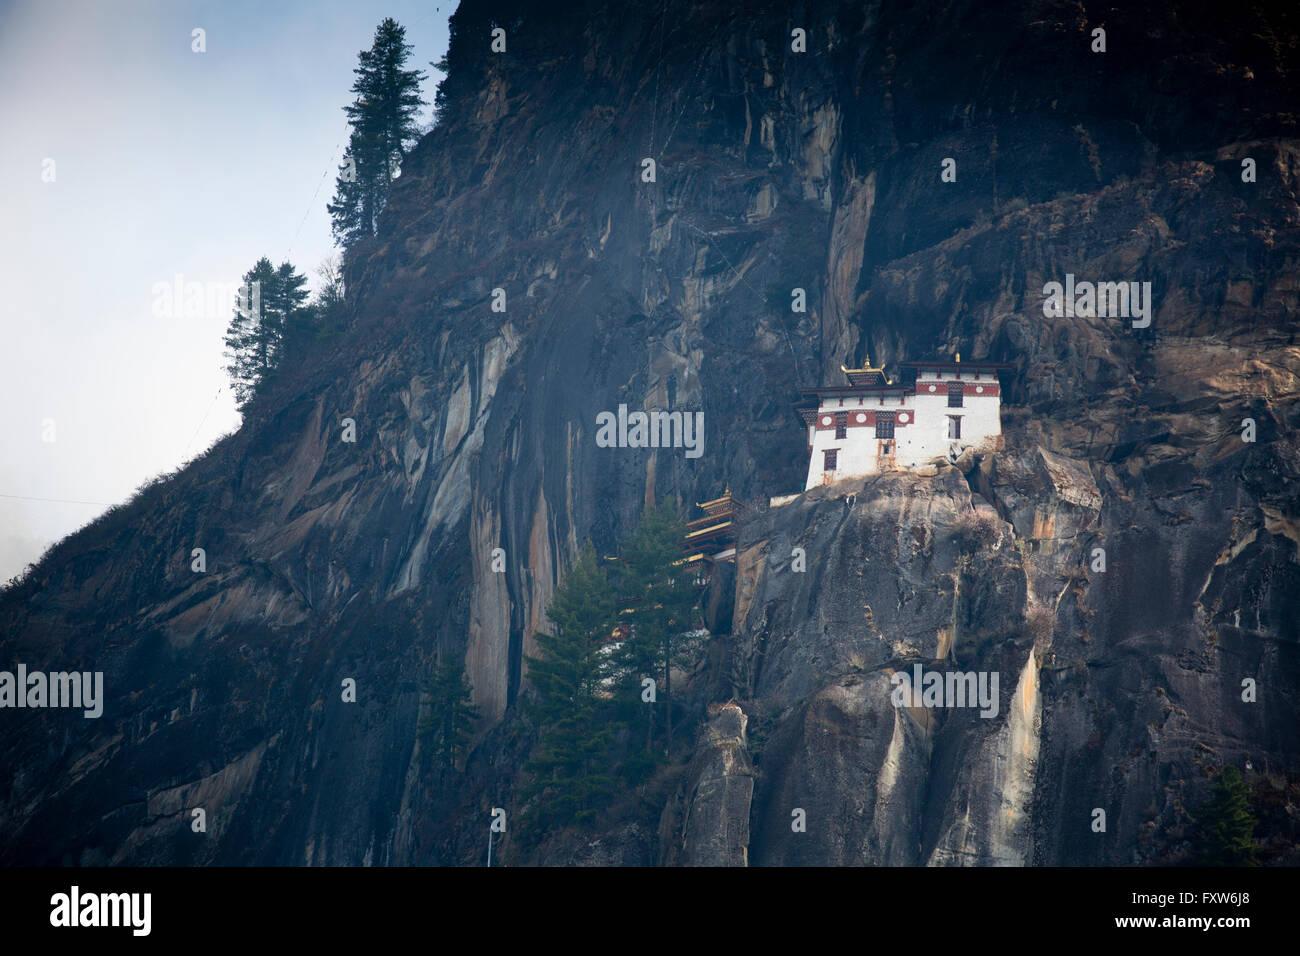 Paro Taktsang ist der populäre Name Taktsang Palphug Kloster, ein prominenter Himalayan buddhistische Heilige Stätte und Tempel-Komplex Stockfoto